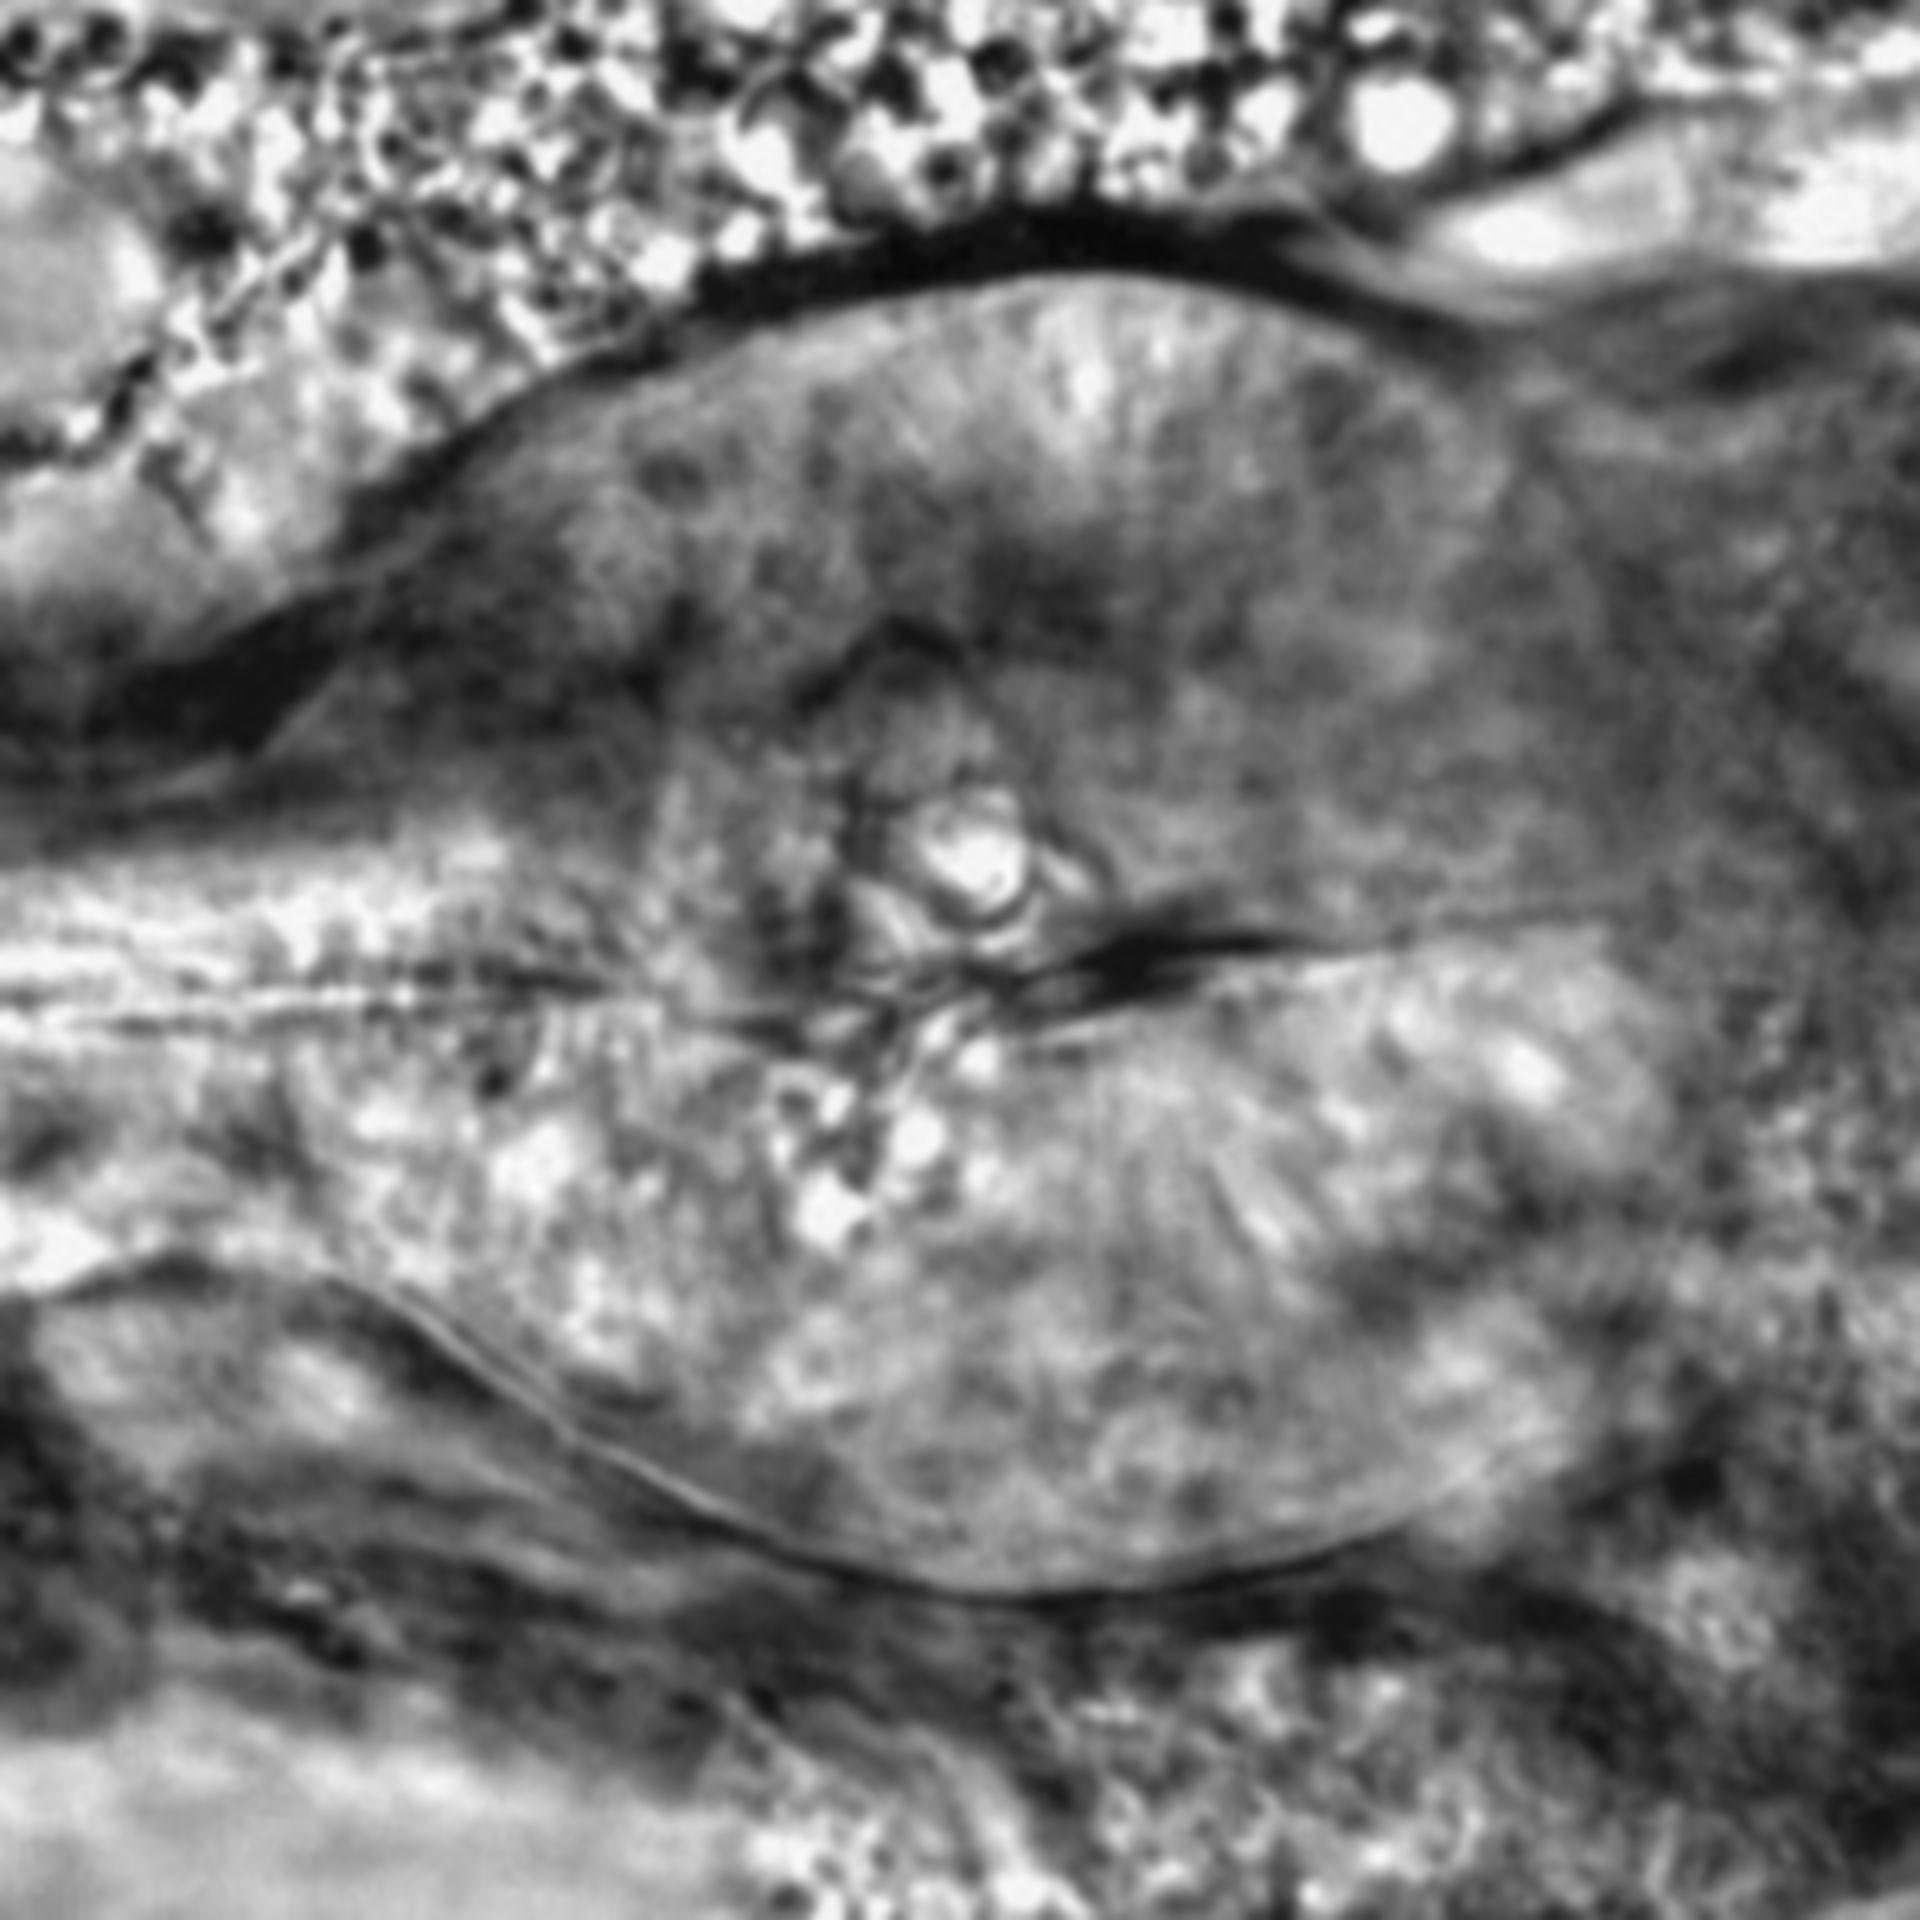 Caenorhabditis elegans - CIL:2311